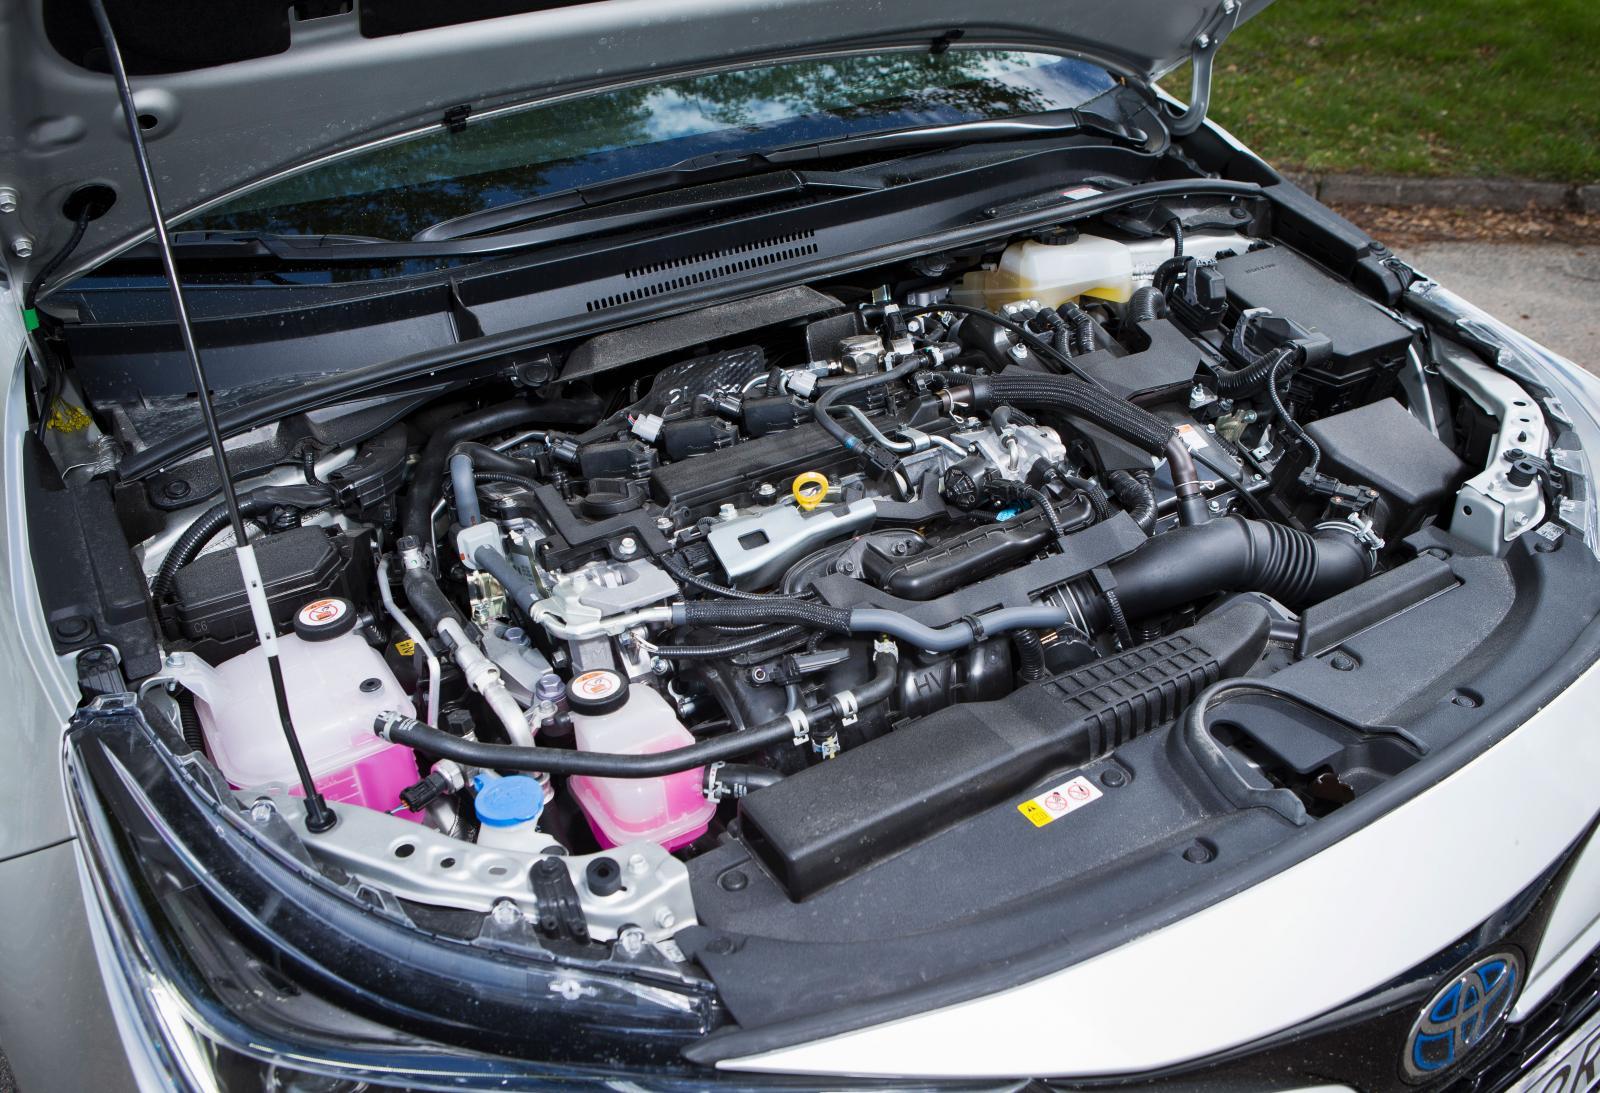 Starkversionen av Corollas hybriddrift är en trevlig bekanrskap. Snabb i starten, snål, rimligt tyst under gaspådrag, mjukt samspel med transmissionen.